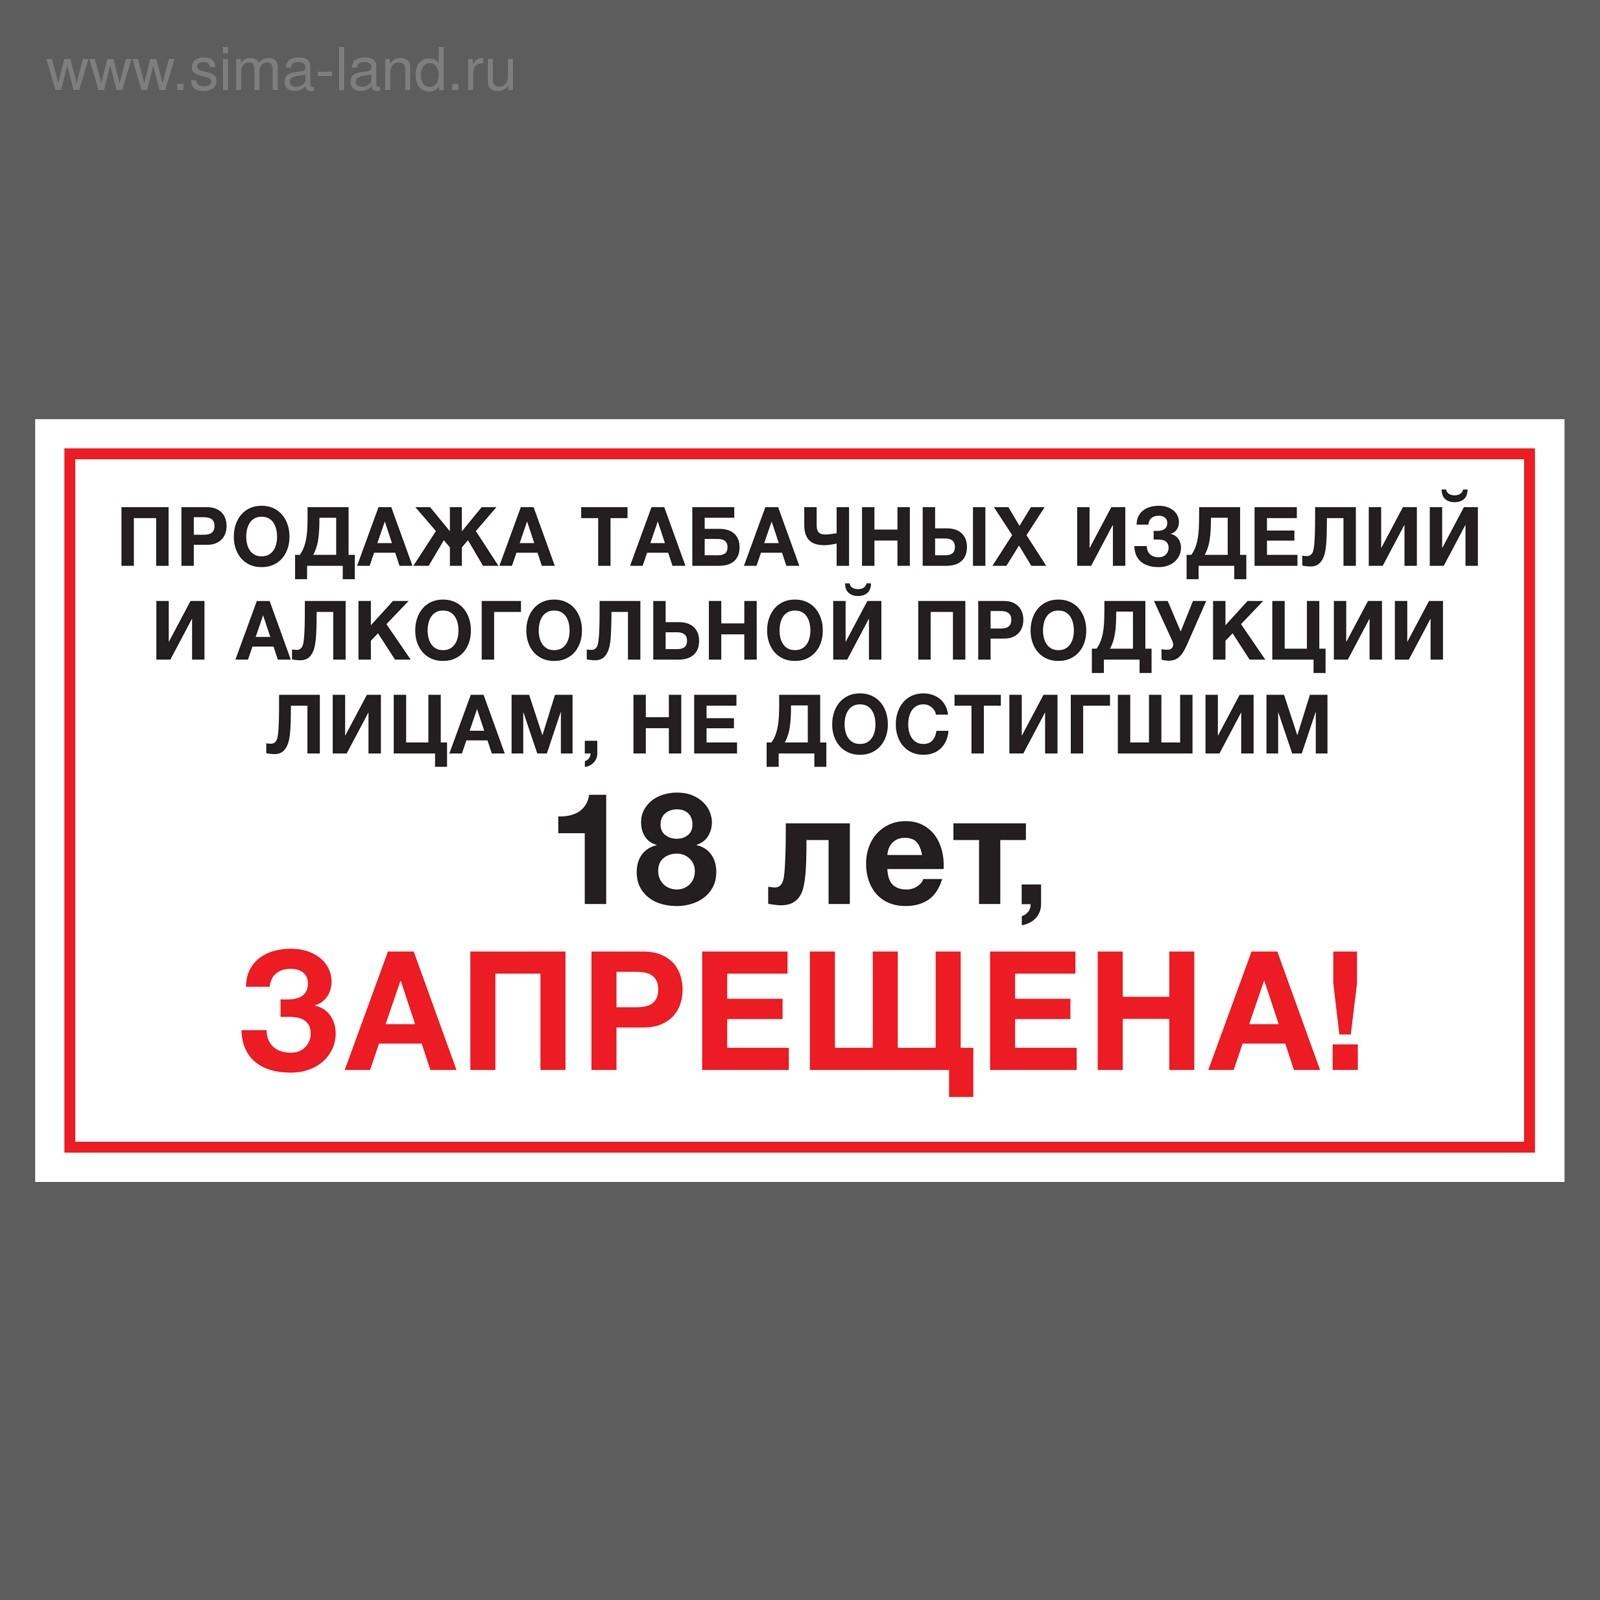 Запрещена продажа табачных изделий лицам не достигшим 18 лет сигареты philip morris купить в москве оптом